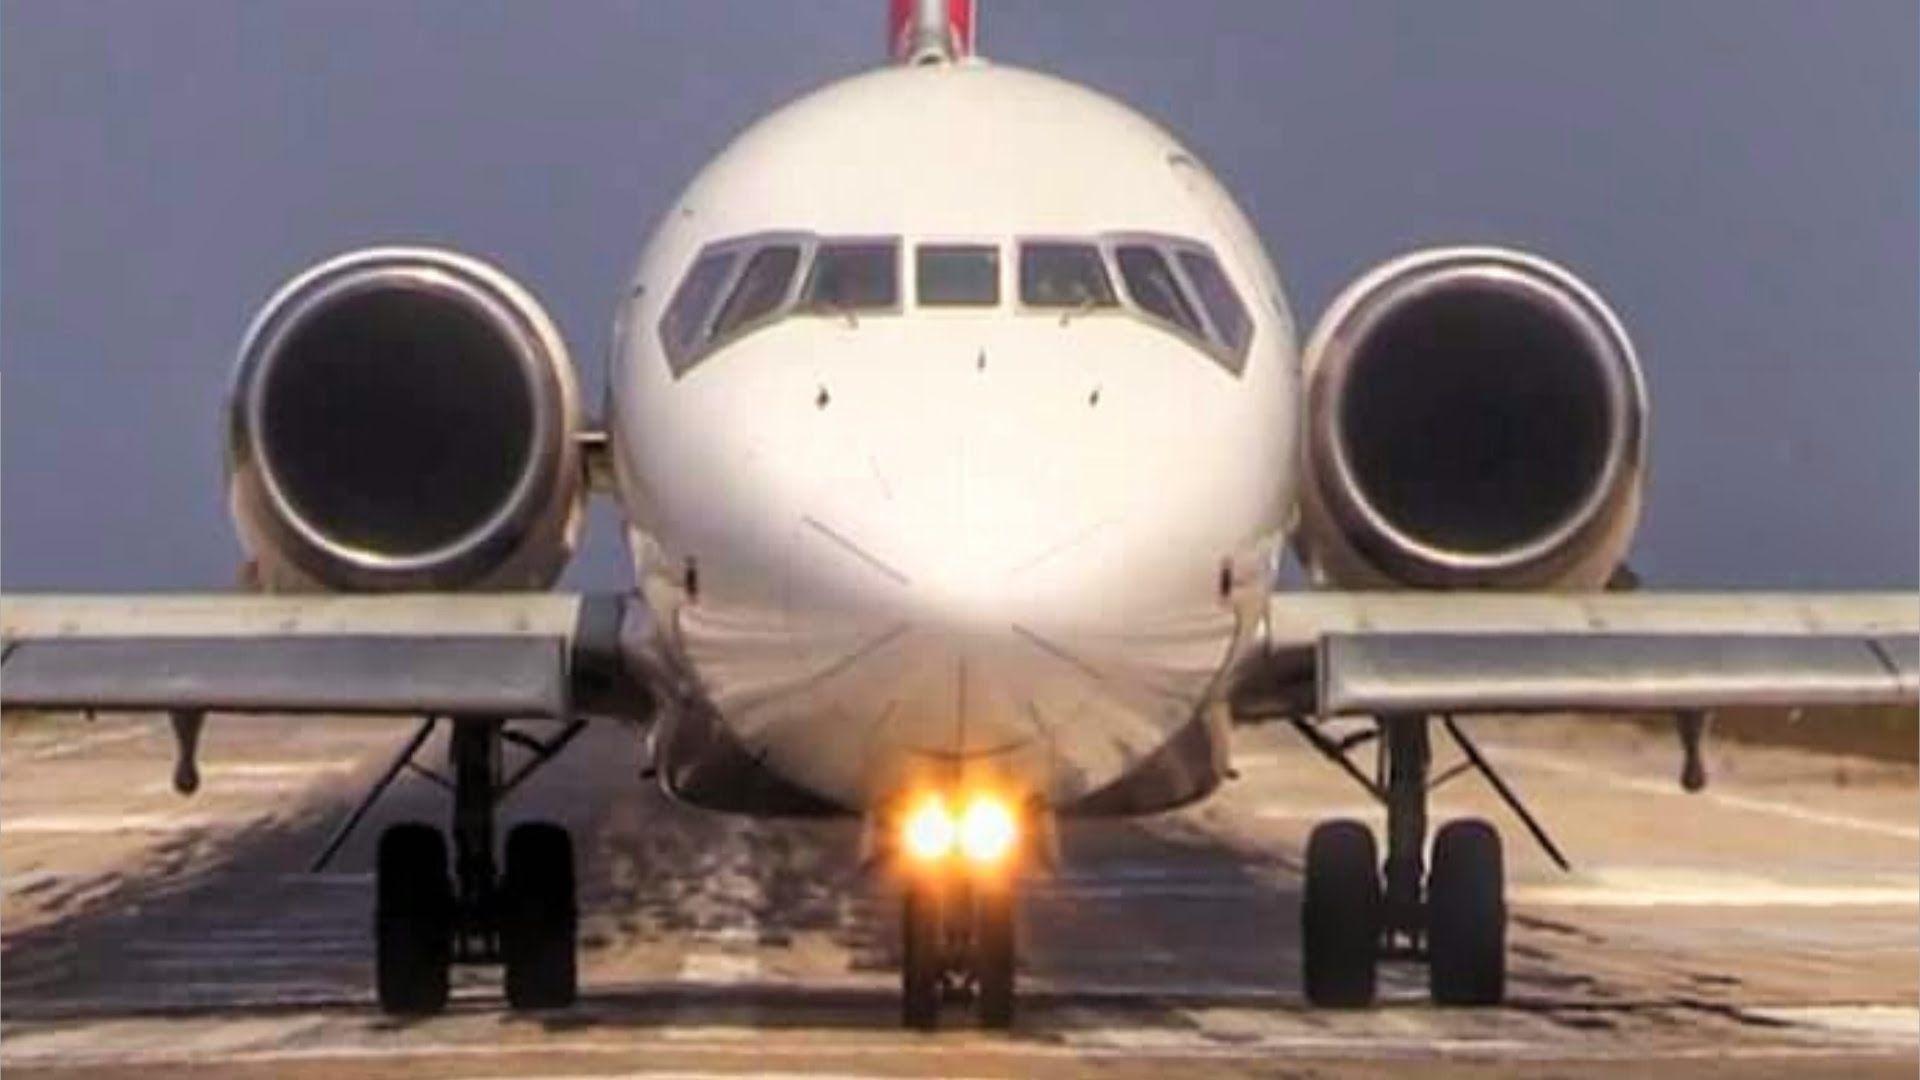 Volotea Boeing 717 Jetblast at Skiathos